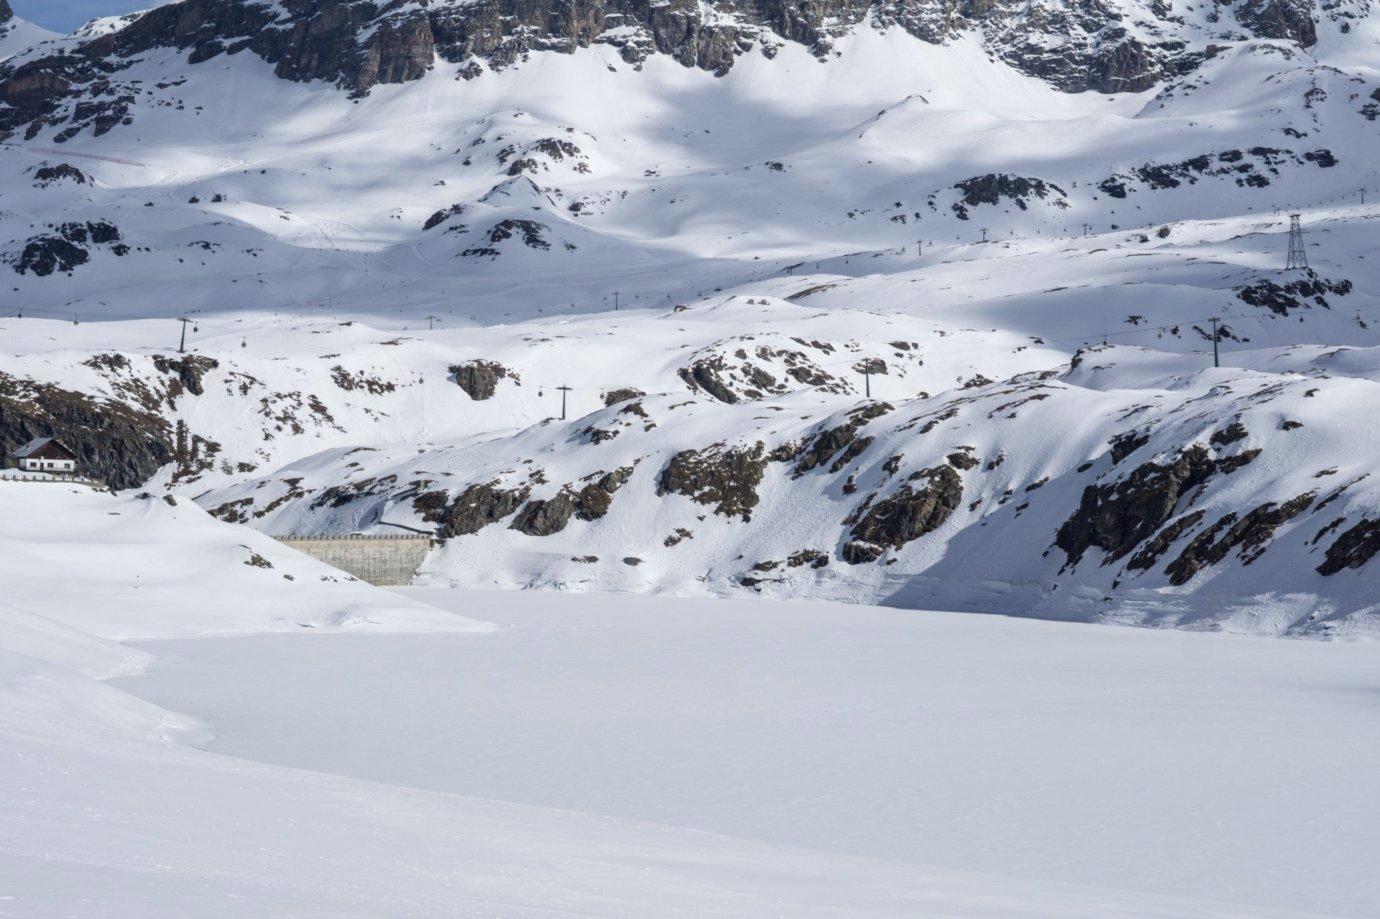 il lago ghiacciato in inverno